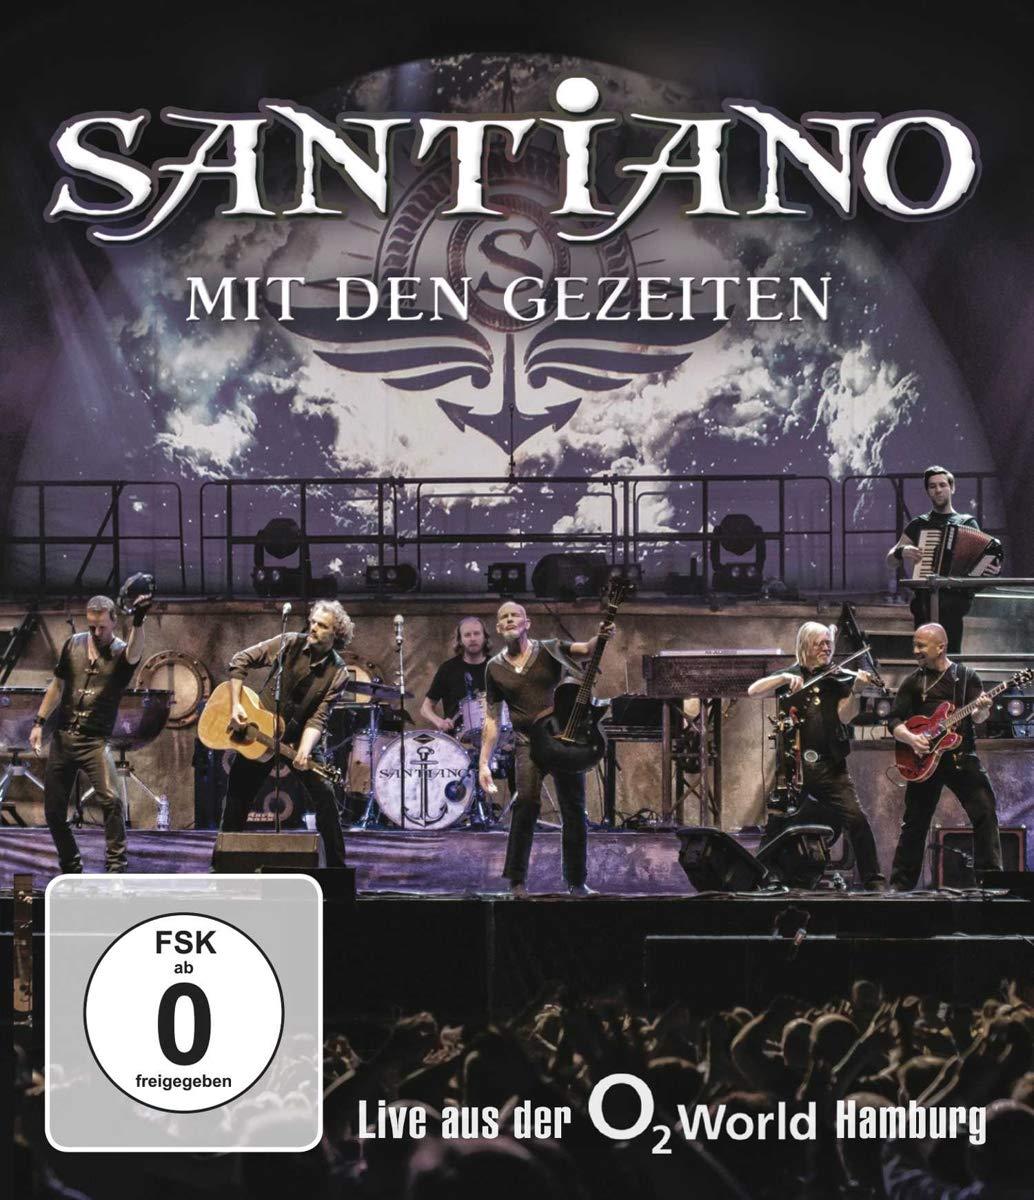 Santiano Mit Den Gezeiten Live Aus Der O2 World Hamburg Blu Ray Amazon De Santiano Santiano Dvd Blu Ray